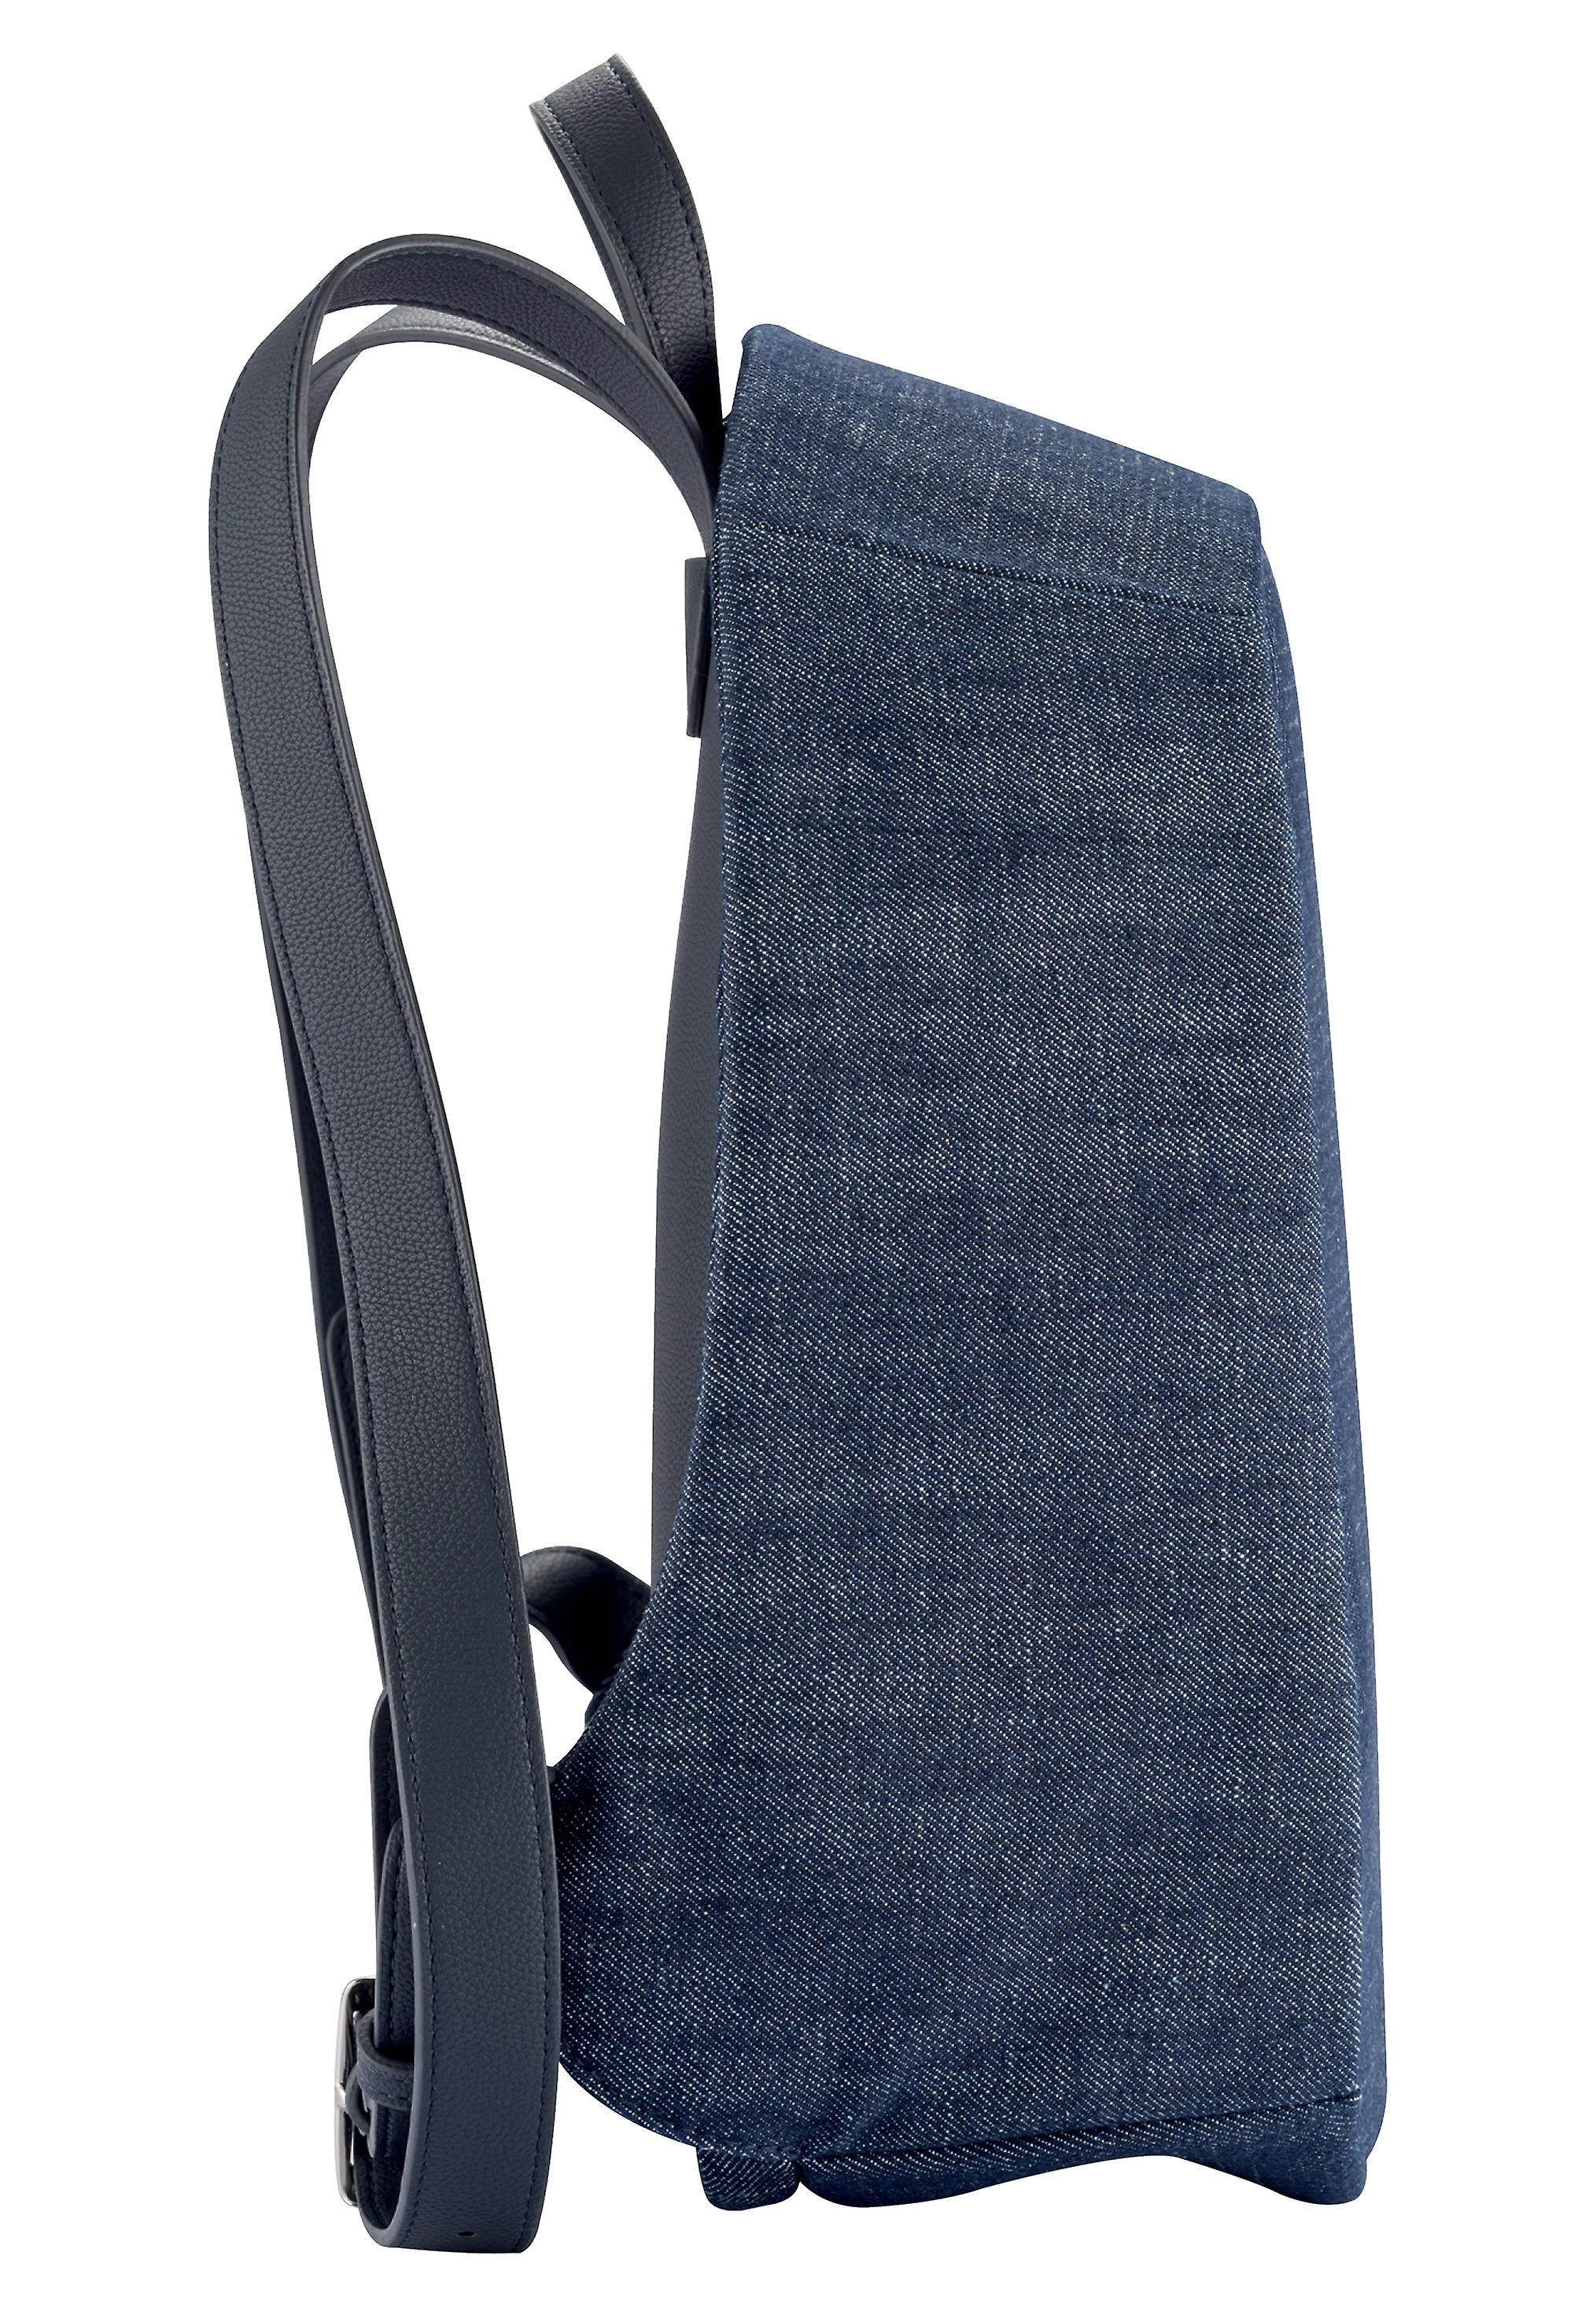 XD Design Elle mode anti stöld ryggsäck (Women ' s Bag)